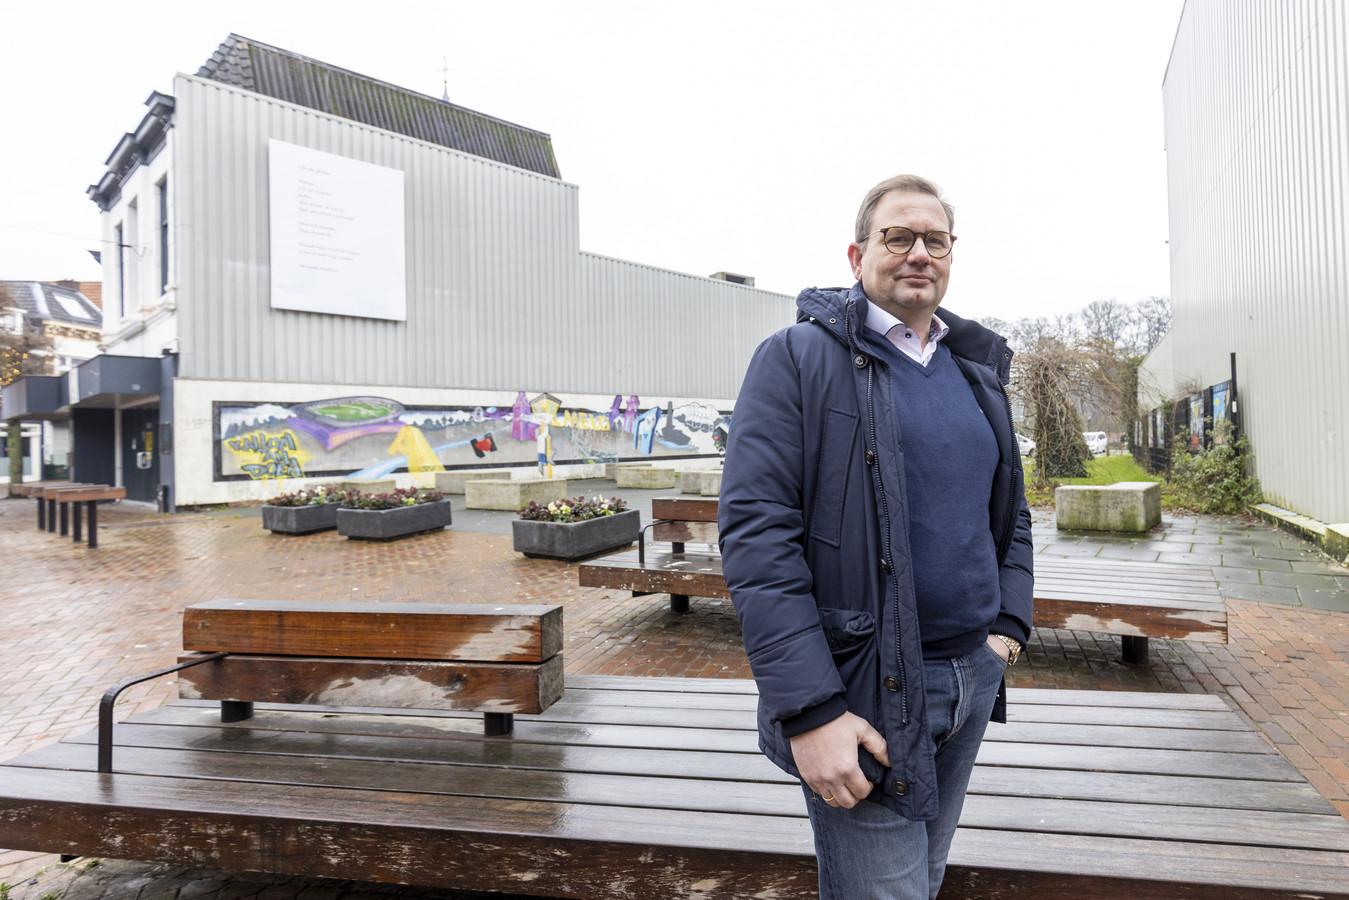 Aannemersbedrijf Tijdhof-Hobema van directeur Hans Gerritsen gaat in het derde kwartaal van dit jaar met de nieuwbouw in het 'Gat van Talamini' aan de slag.